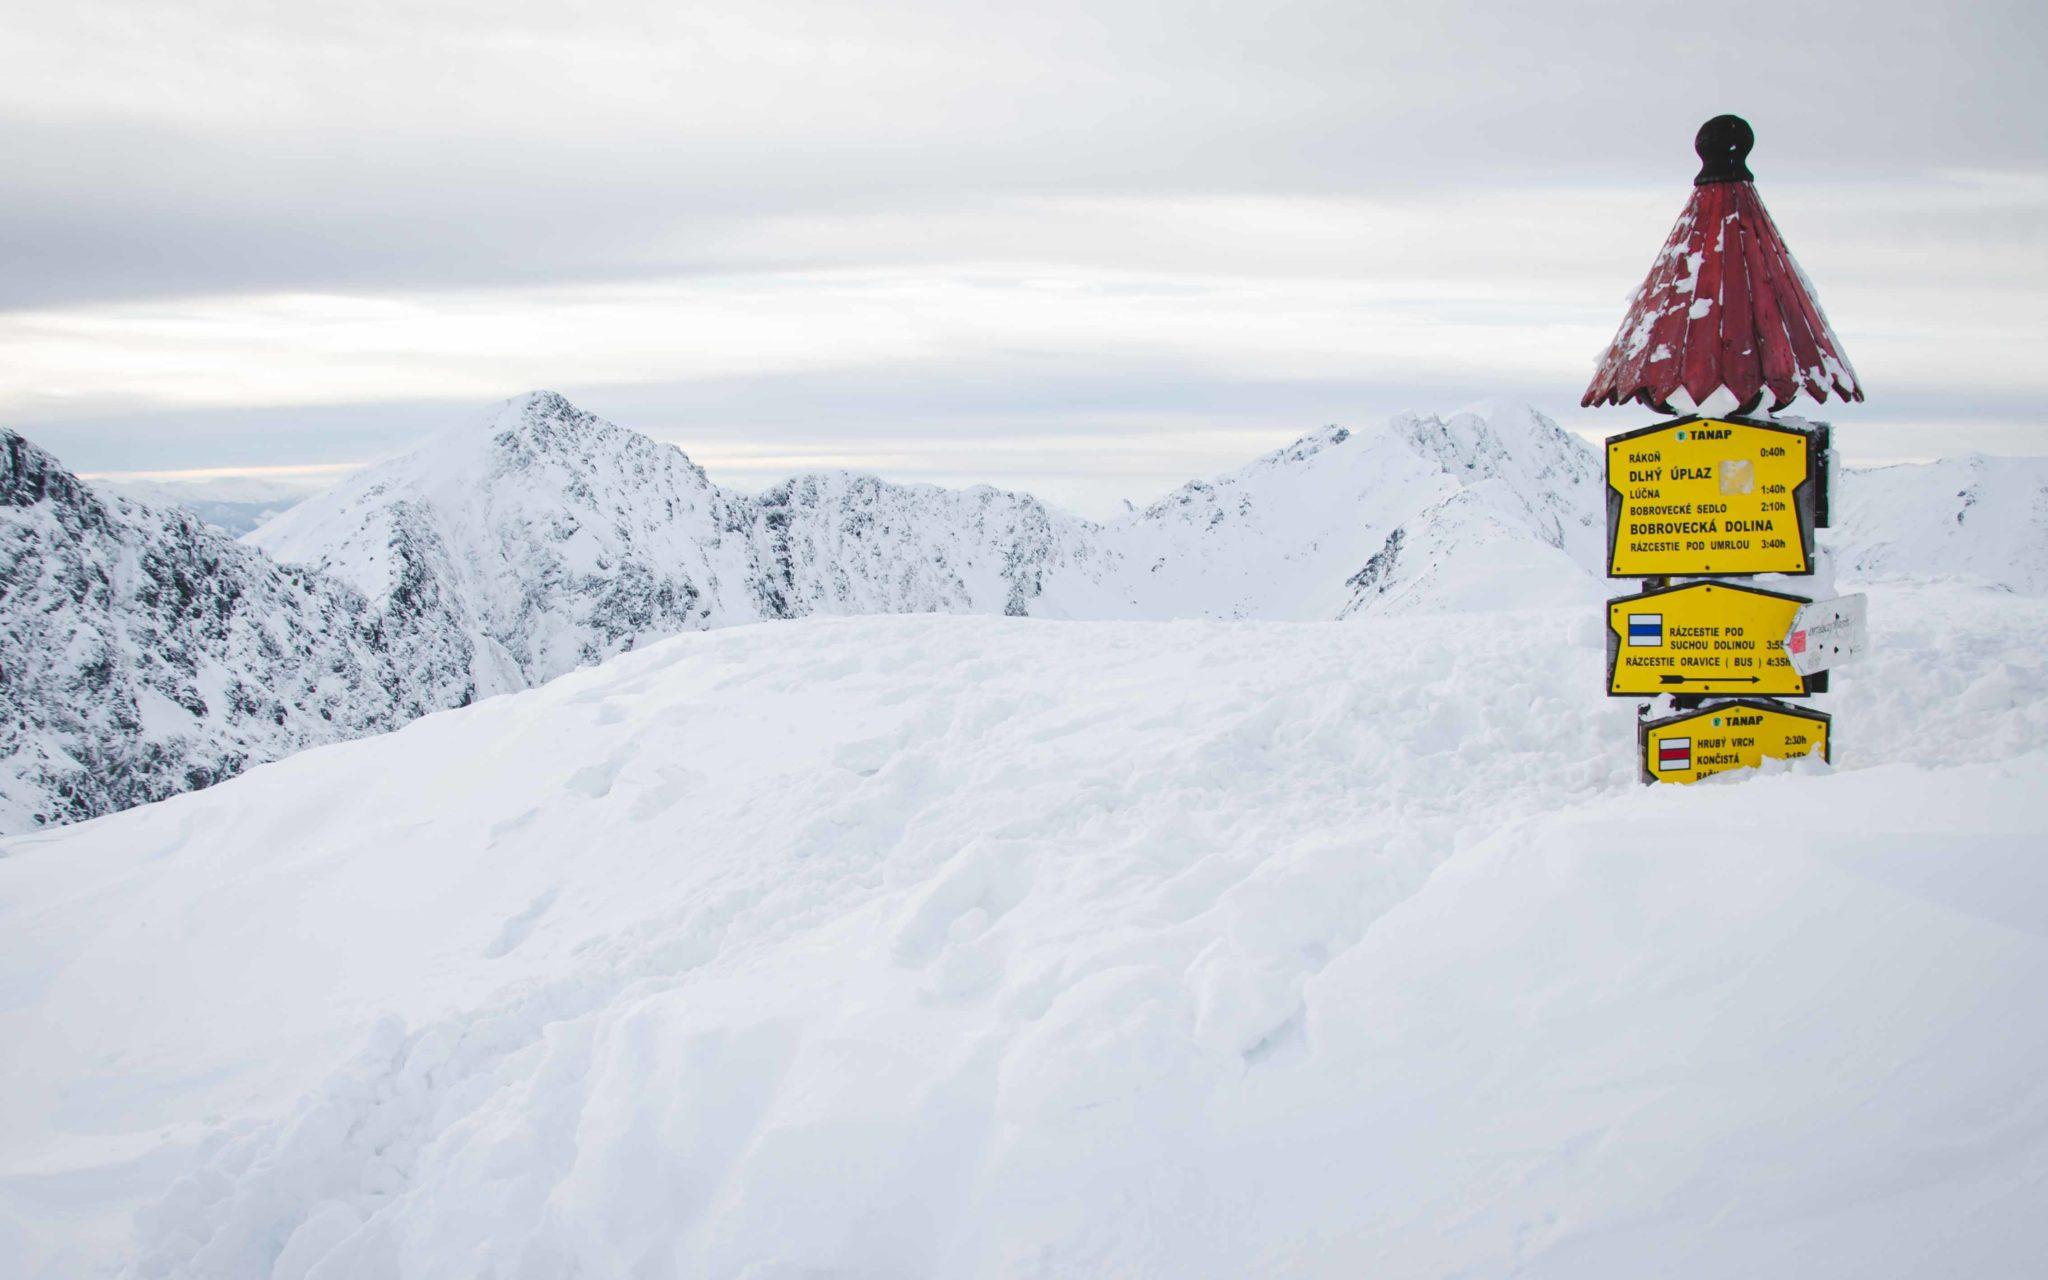 Słup z tabliczkami zakopany w śniegu na szczycie